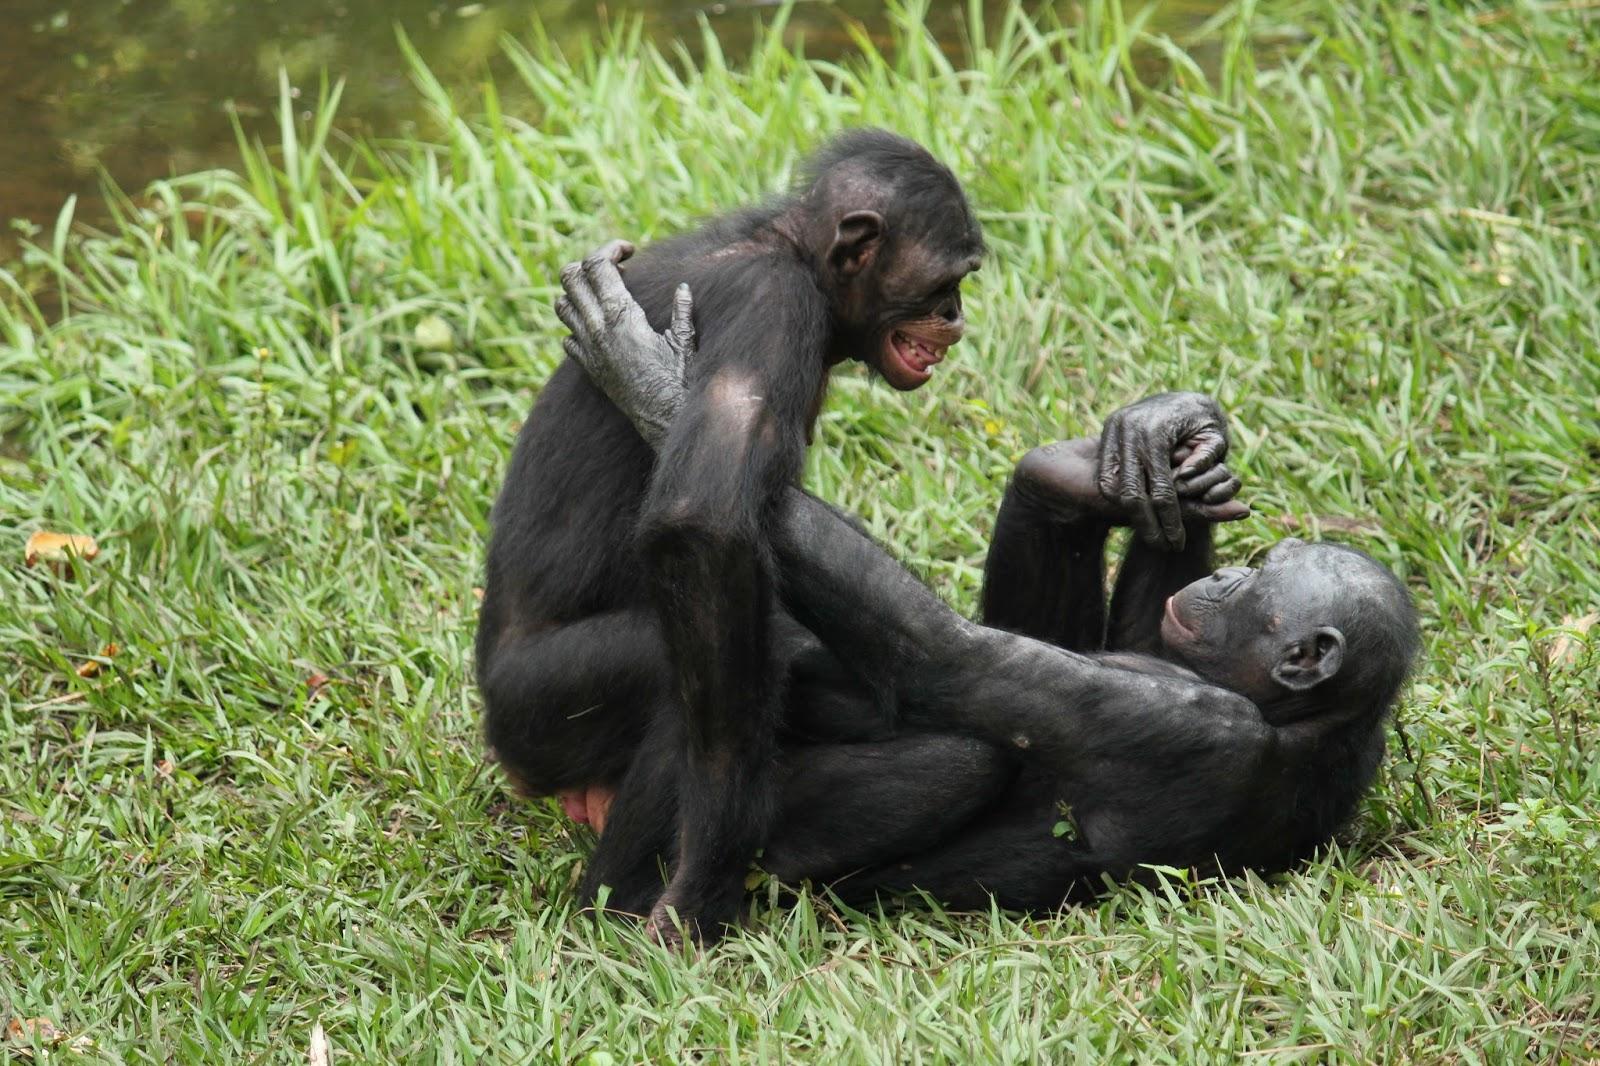 А люди трахаются с обезьянами а какой член у обезьяны